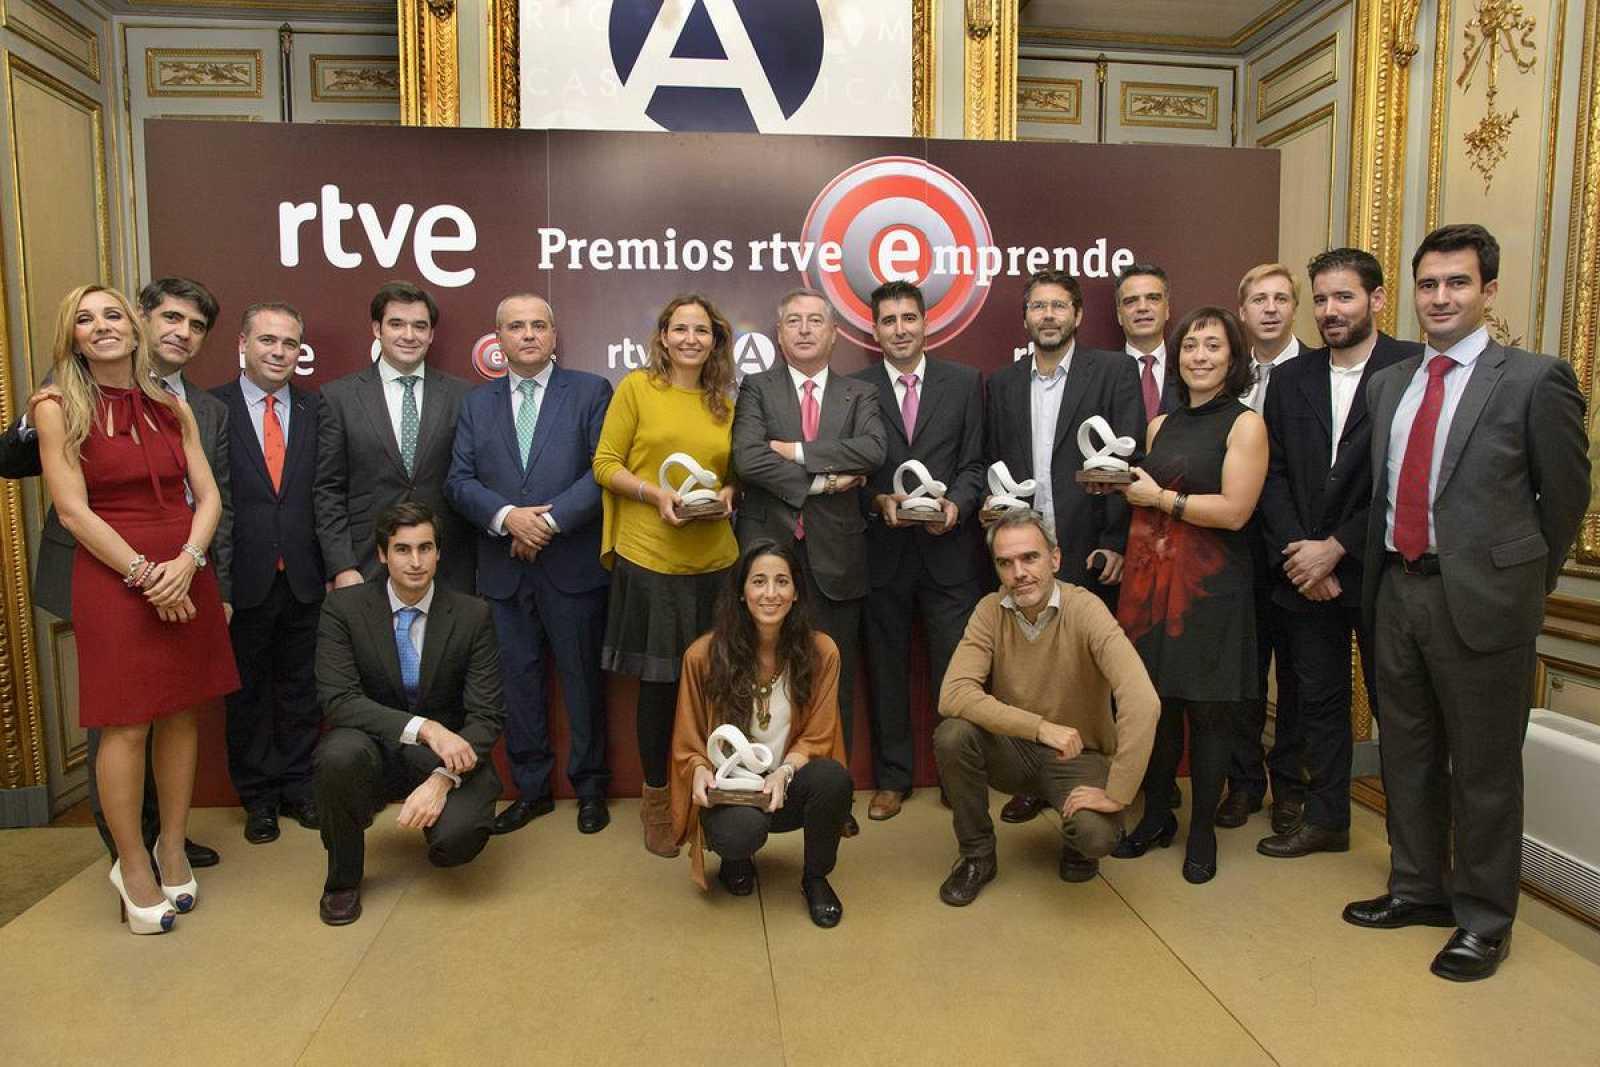 Convocada la IV edición de los Premios RTVE Emprende